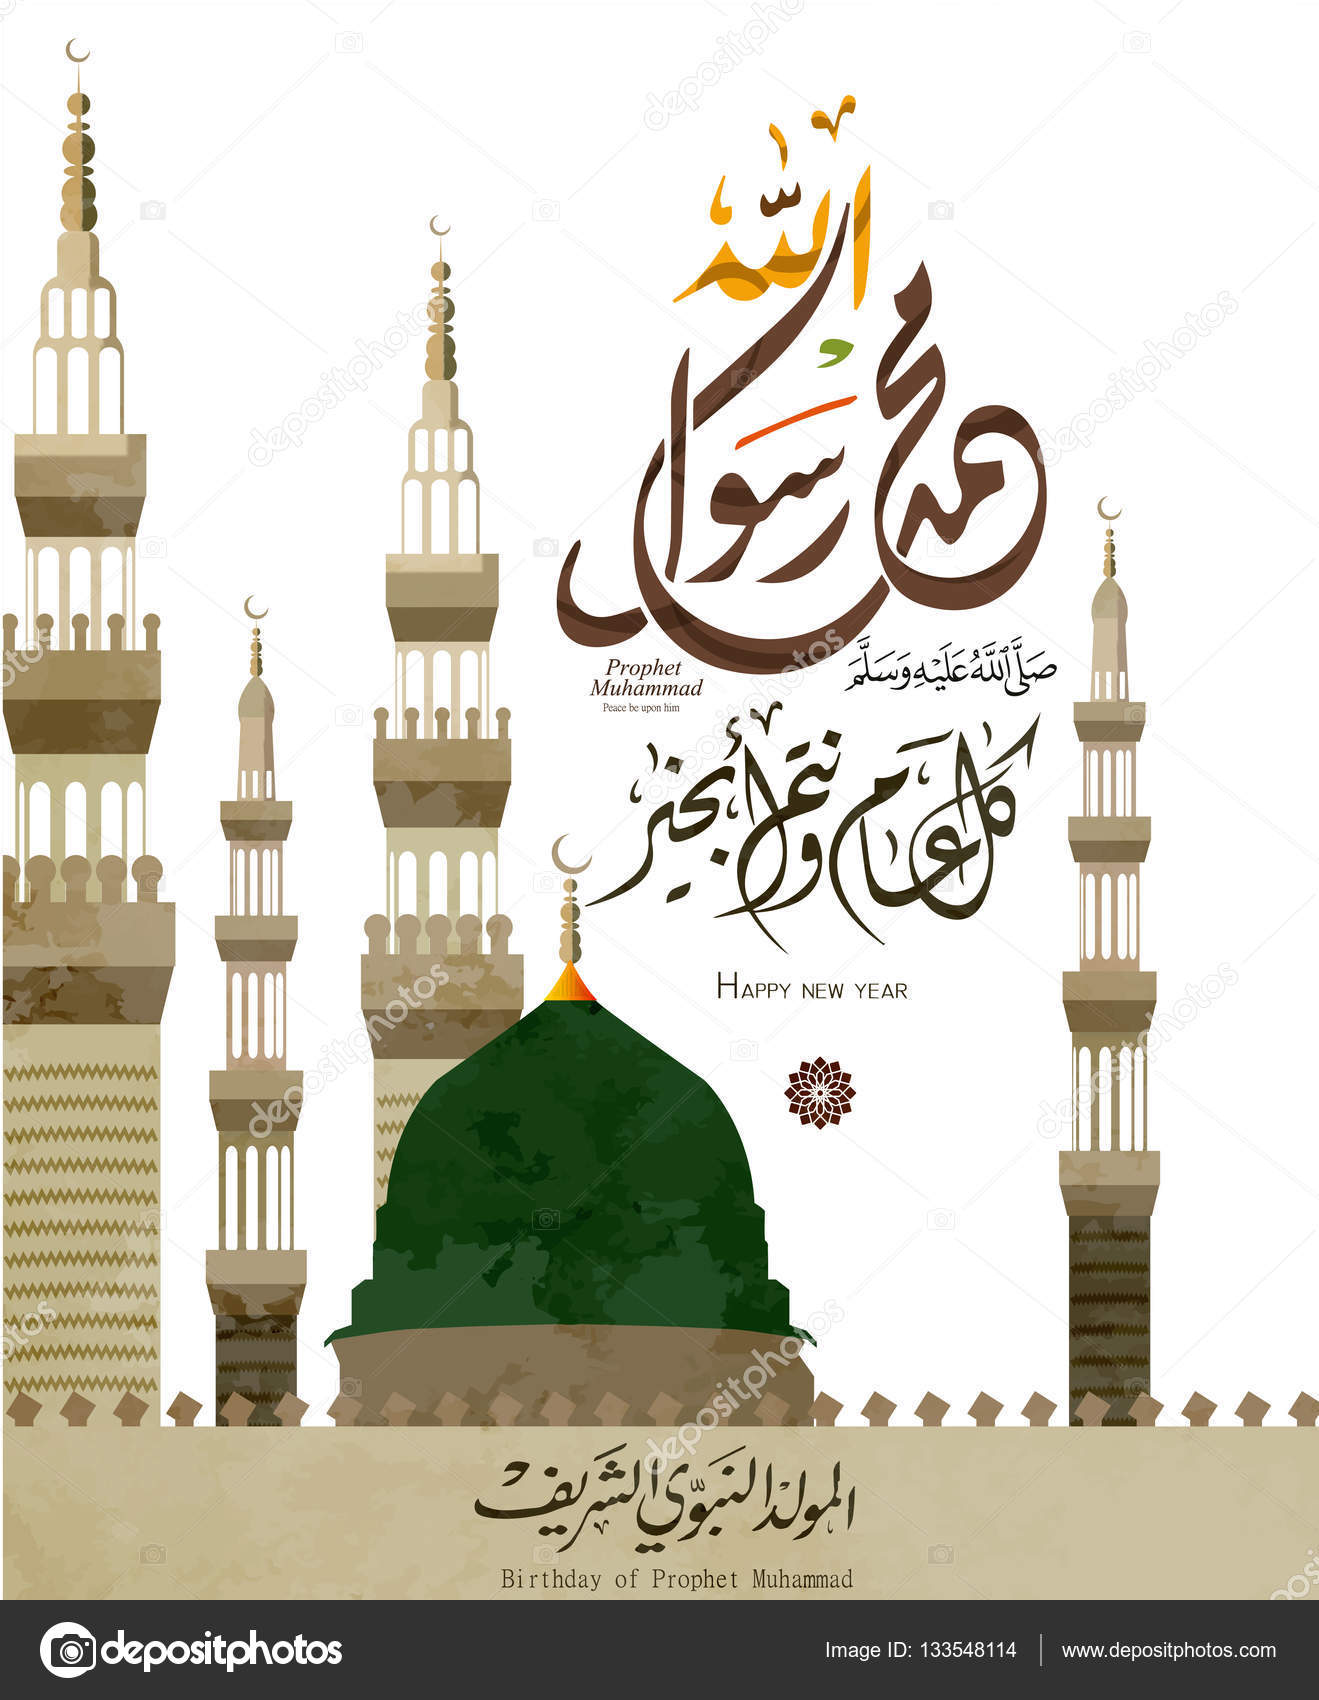 Арабские открытки с поздравлением фото 470